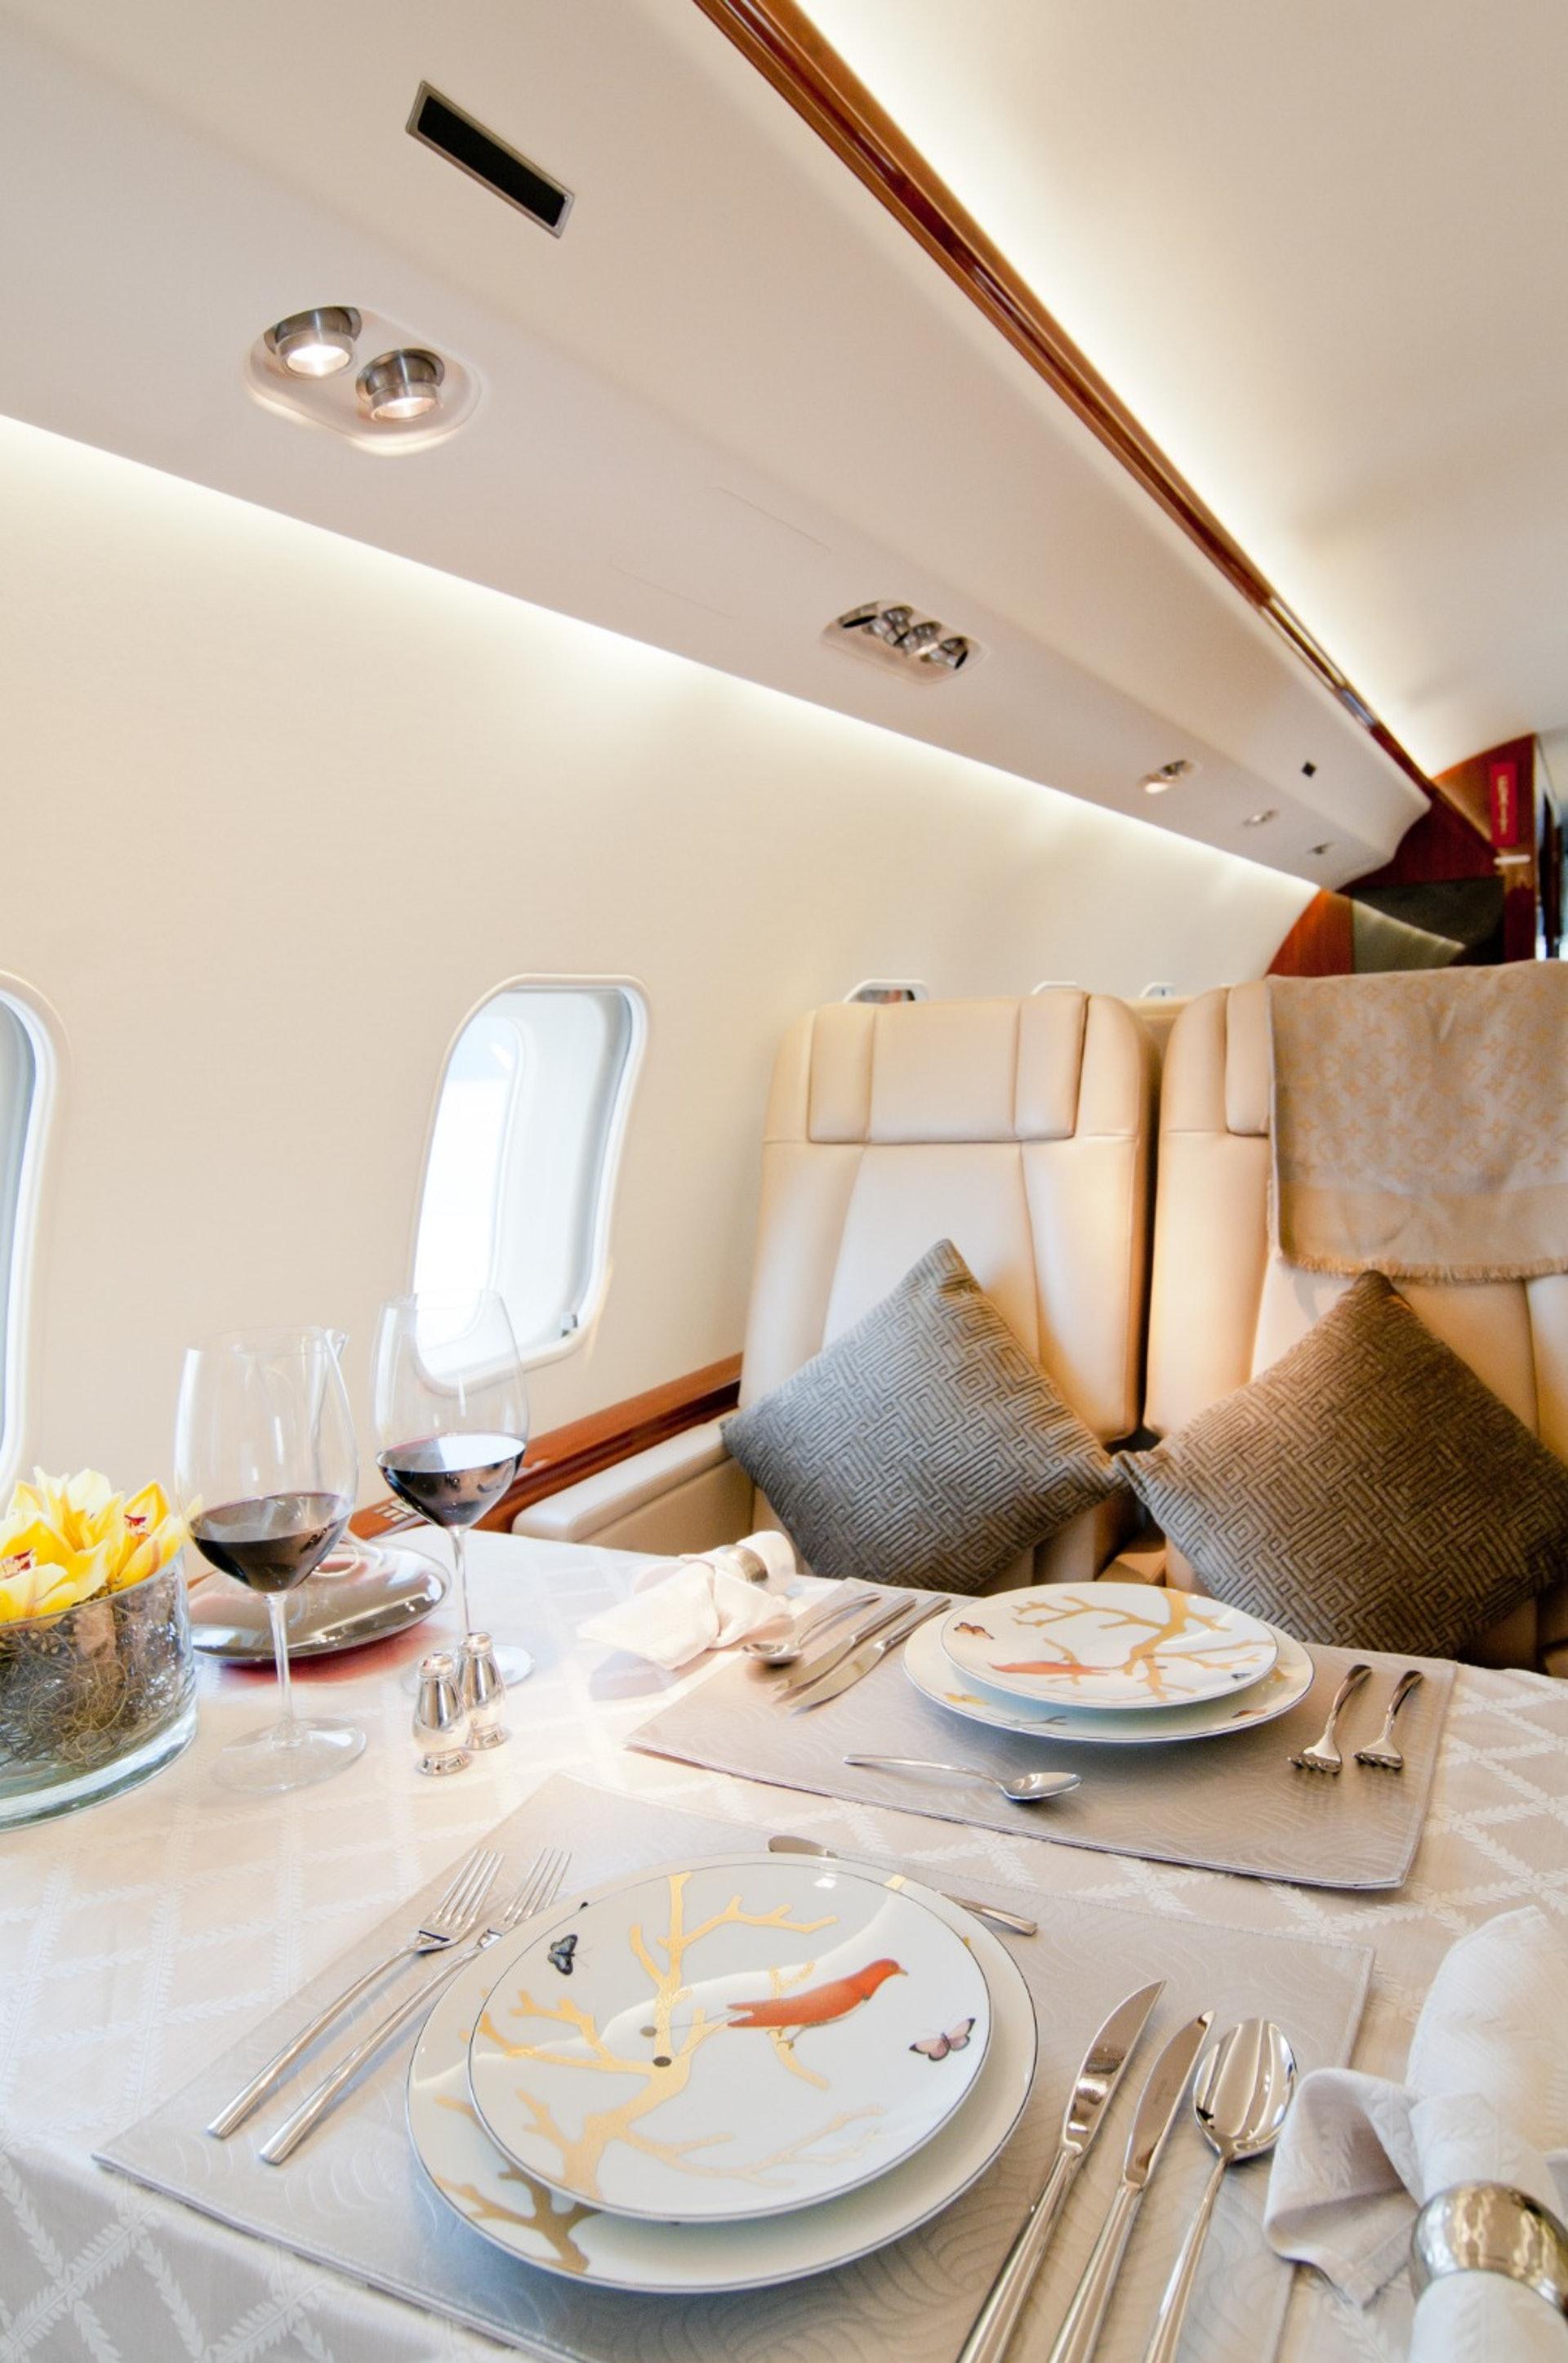 各種私人飛機的機艙都令人驚喜及大開眼界。﹙GettyImages/VCG﹚